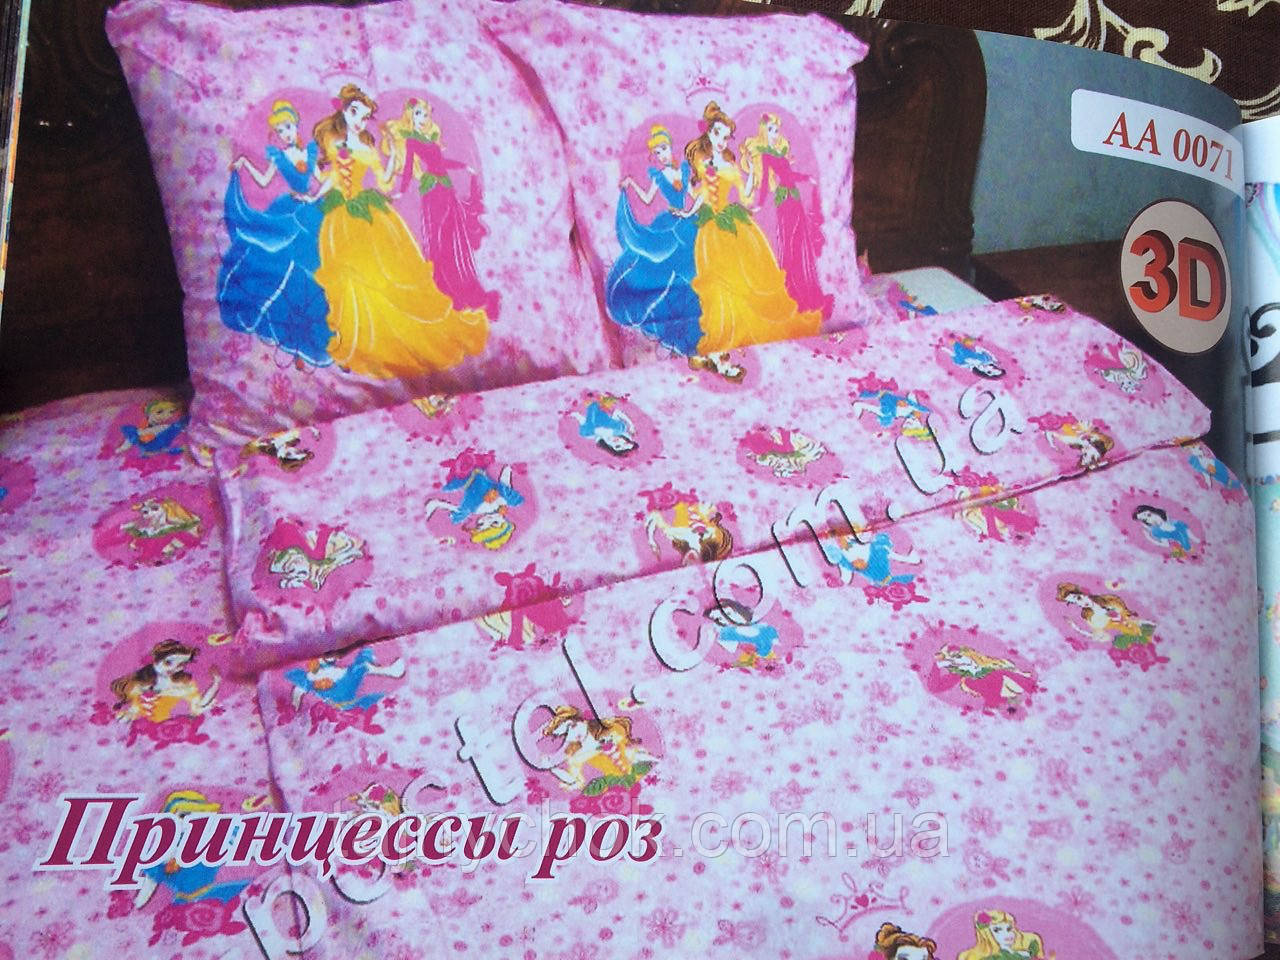 """Детское постельное белье """"Принцессы роз"""""""